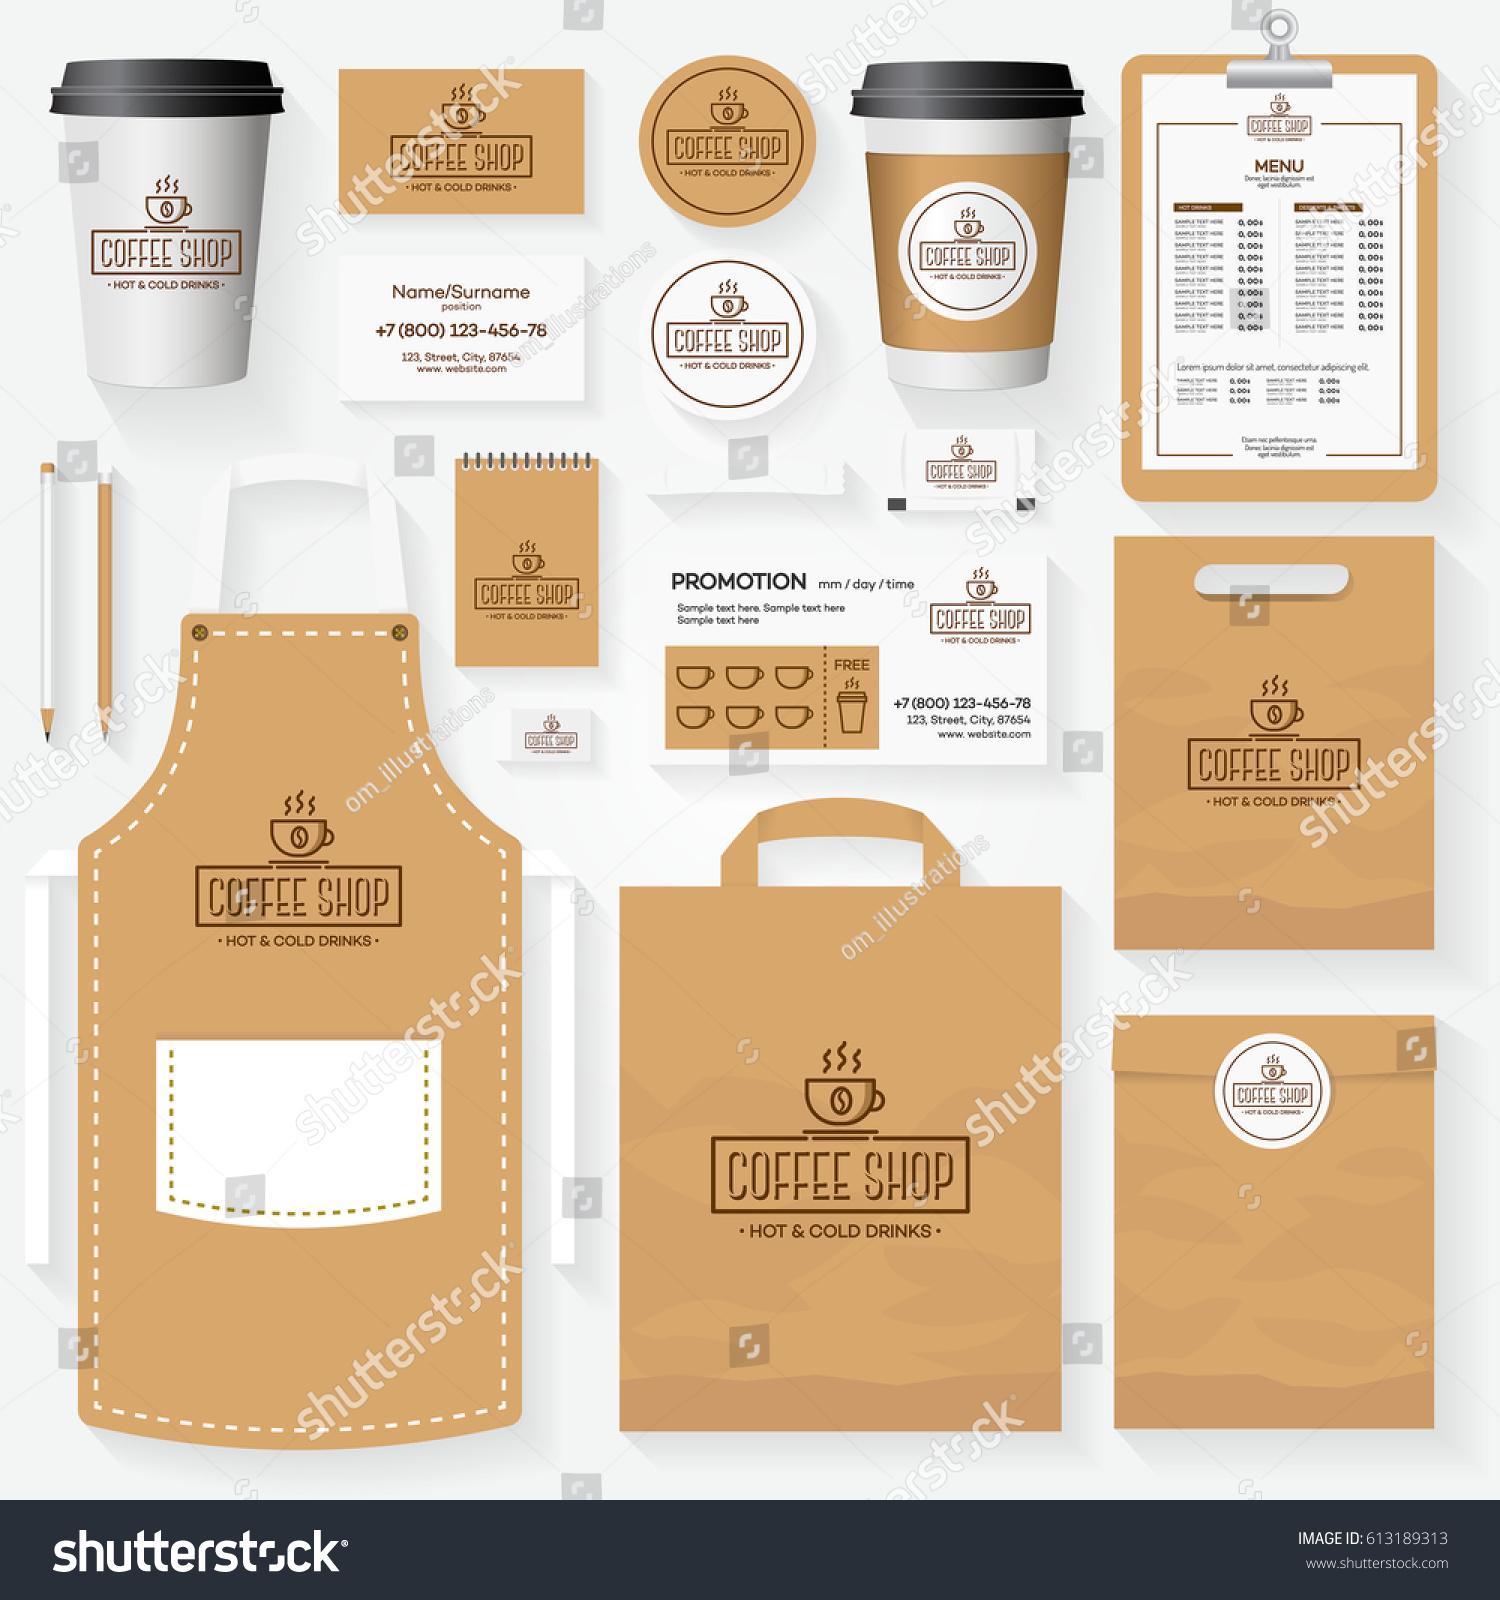 Brown Bag Cafe Menu